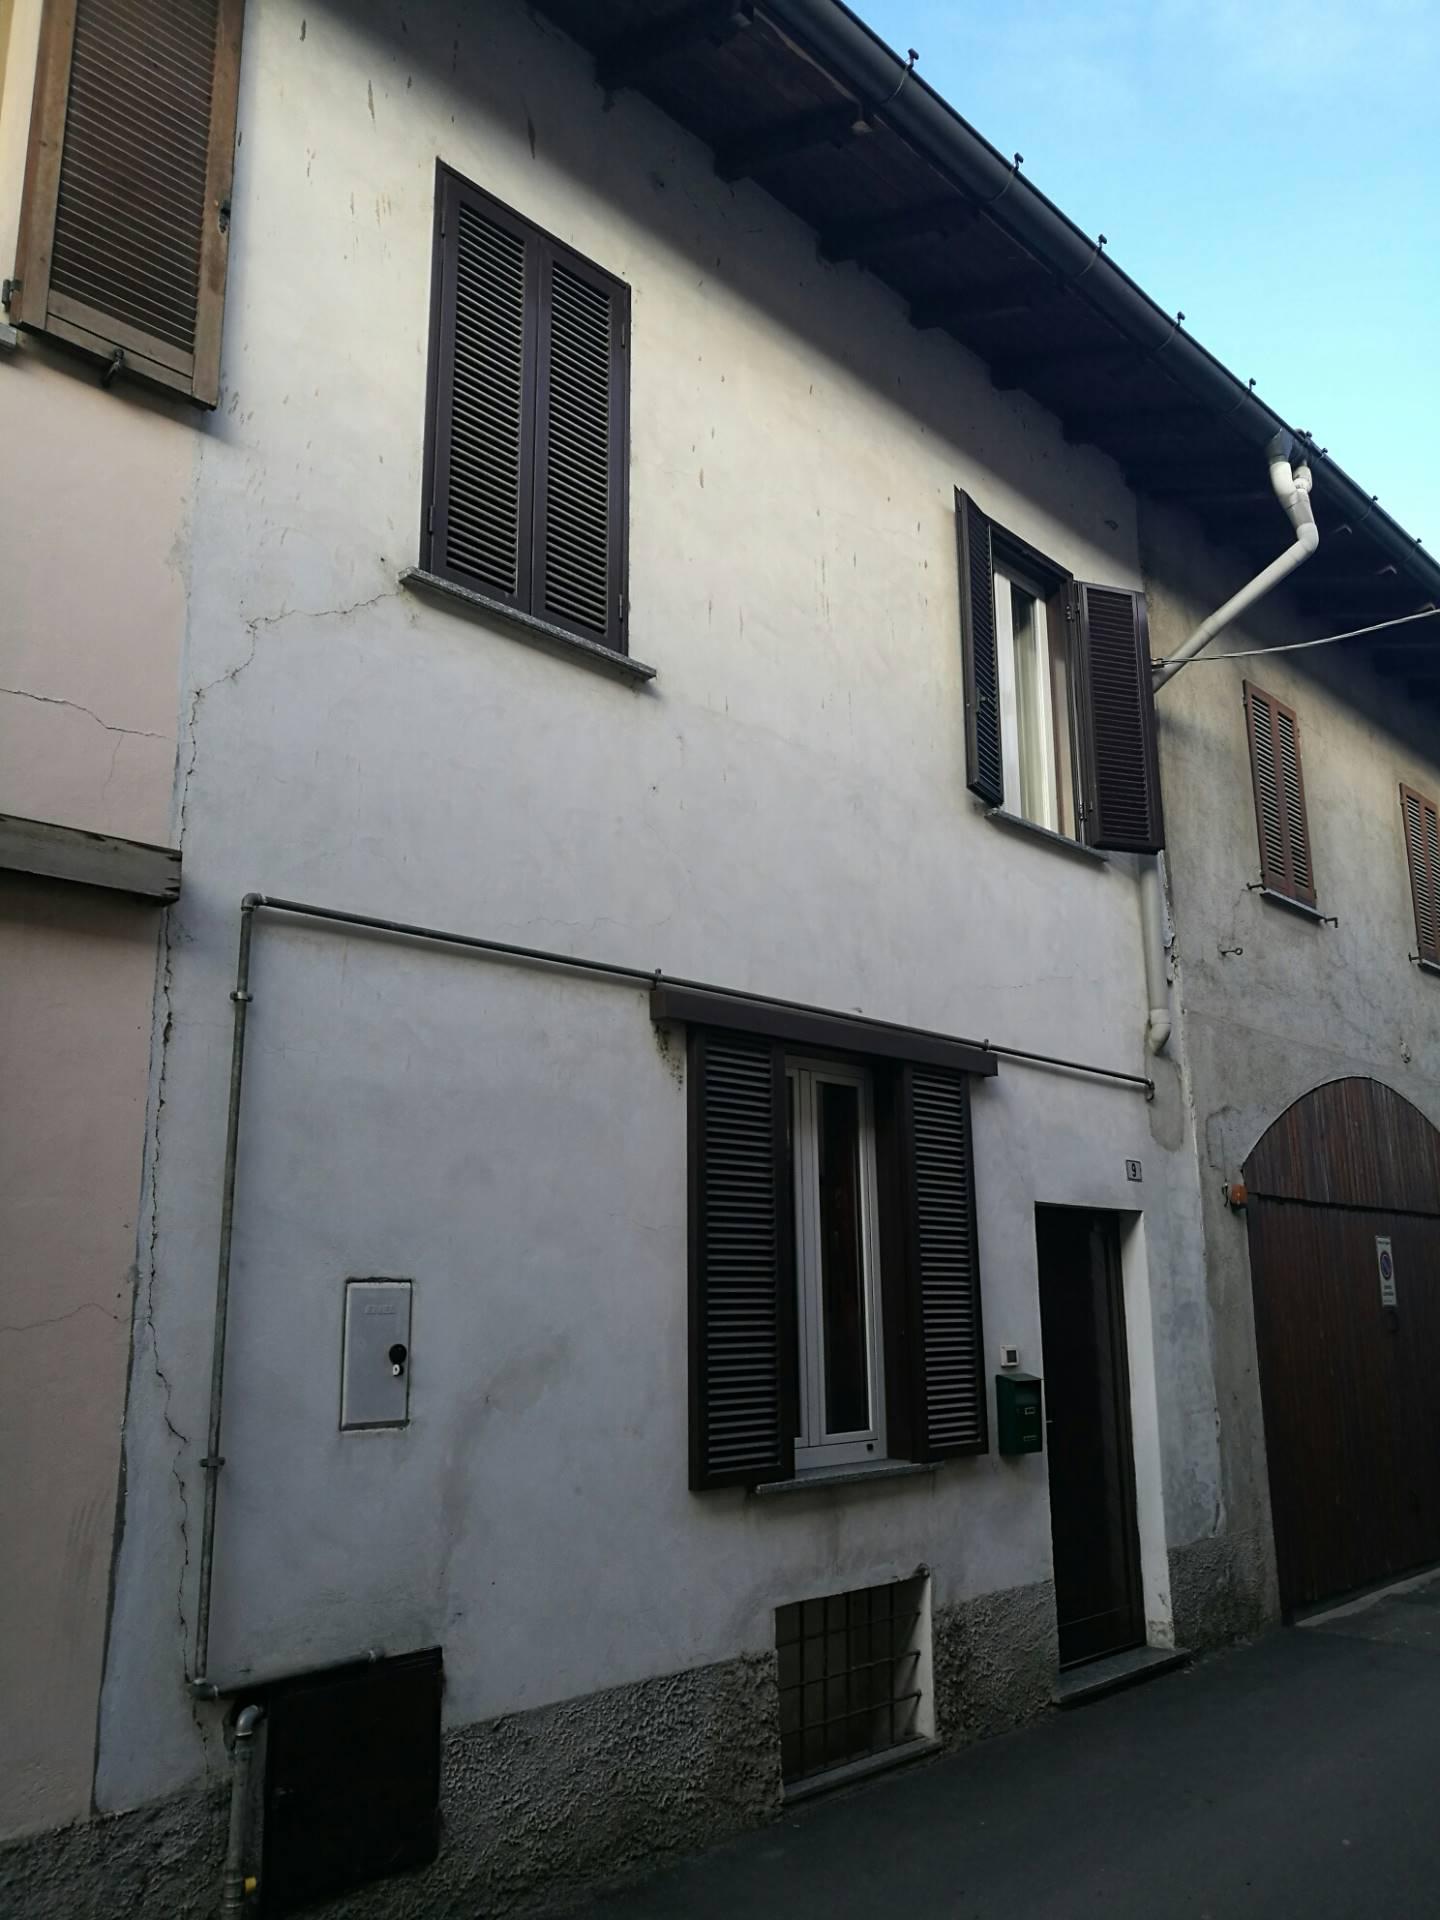 Cuggiono   Appartamento in Vendita in Via Pellegatta   lacasadimilano.it